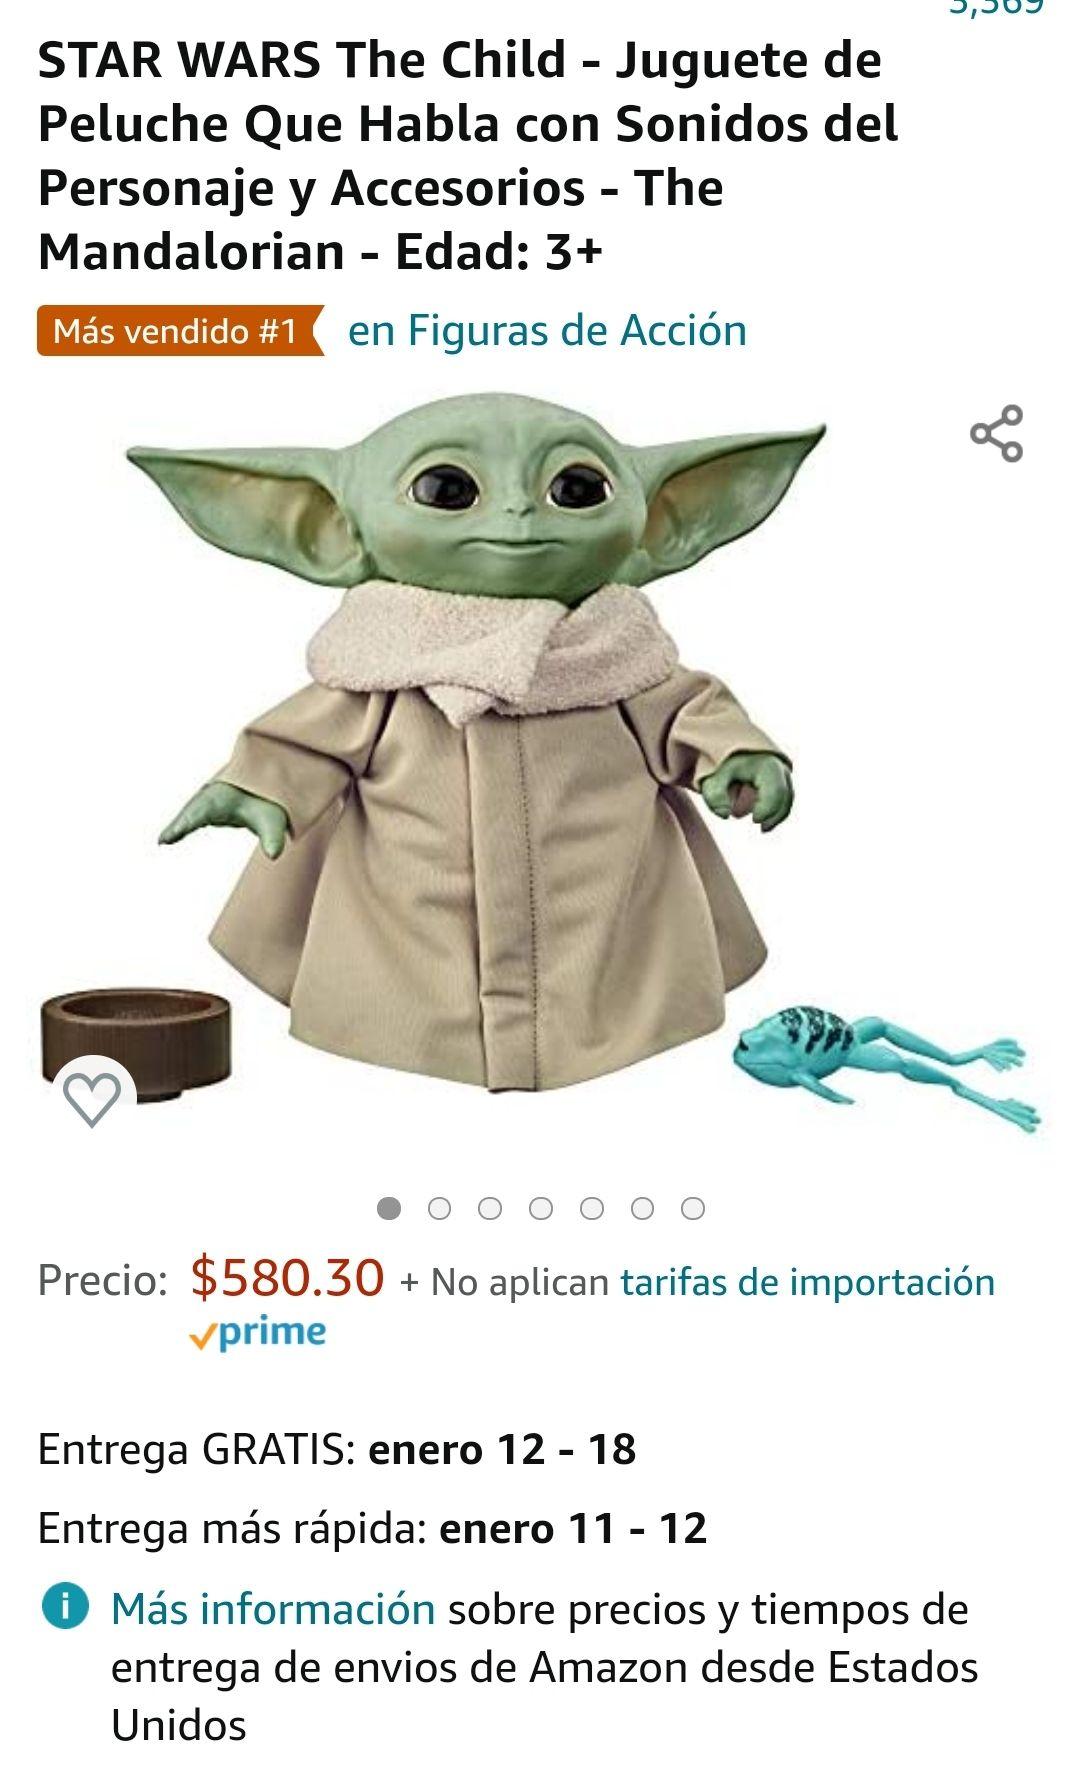 Amazon: Baby yoda peluche que habla